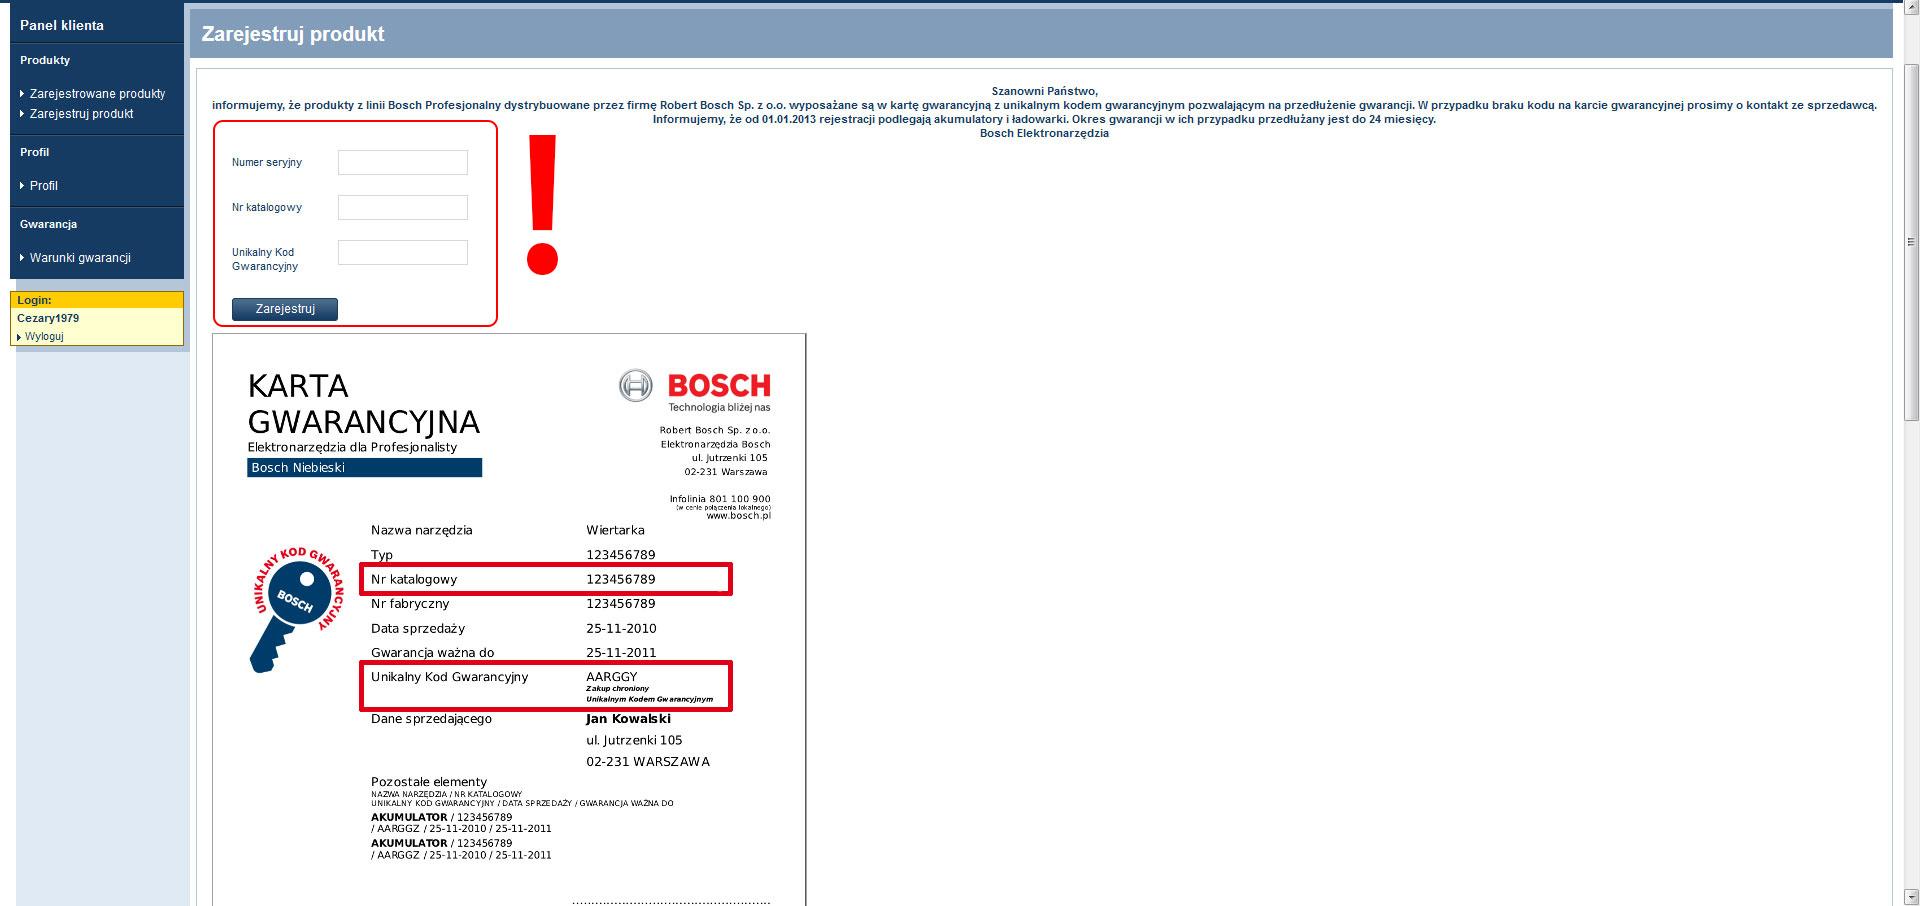 Gwarancja 3 lata Bosch